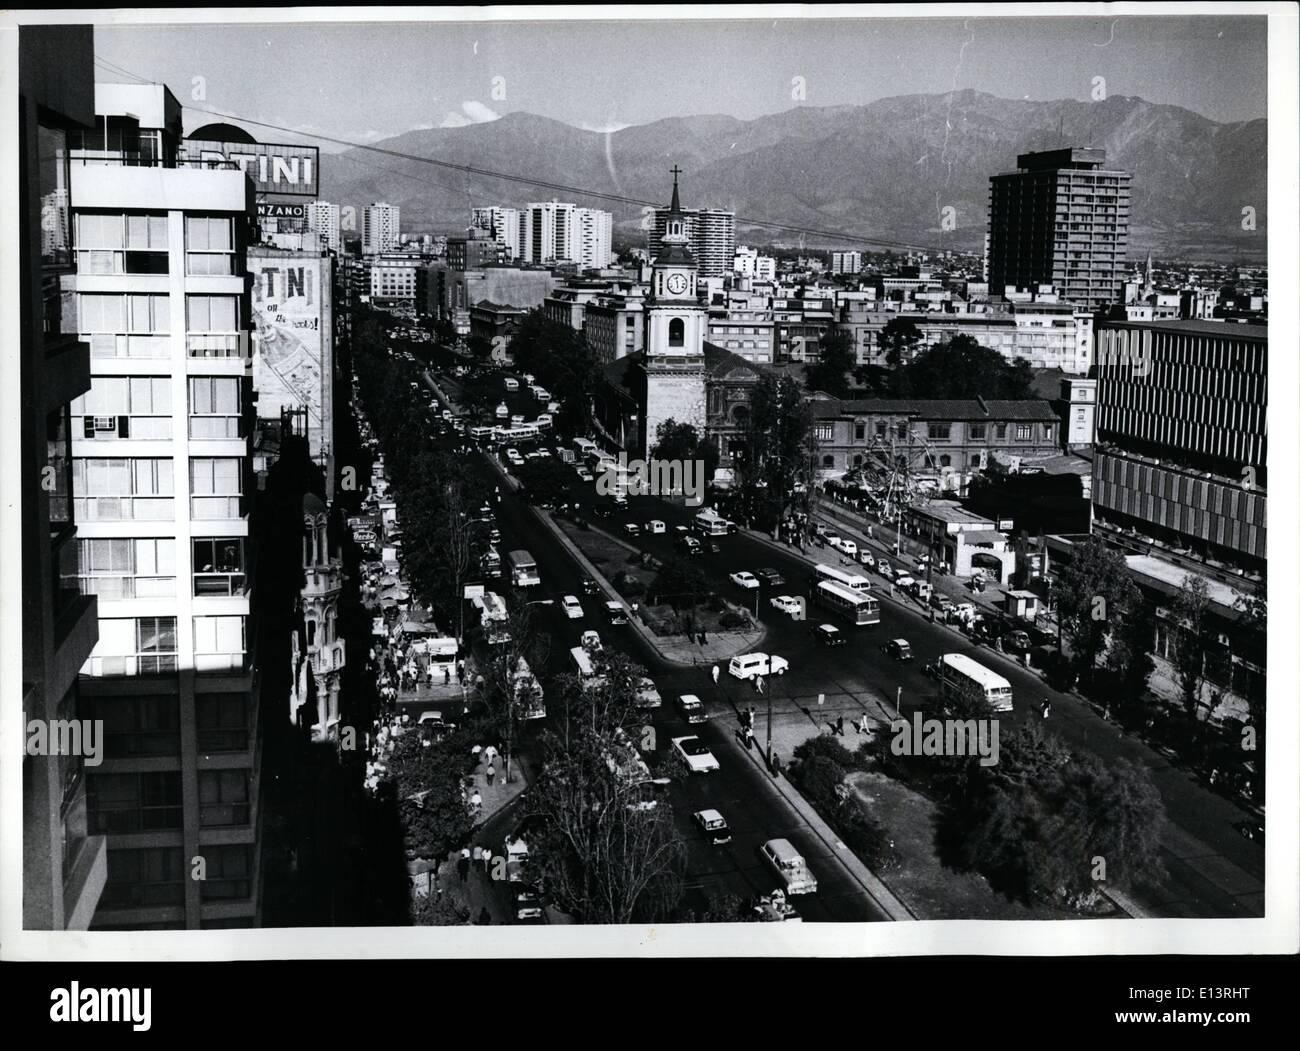 Mar. 27, 2012 - Santigao de Chile: Avenida Bernardo O'Hoggins, in center: the Old Church and Convent of San Francisco. - Stock Image